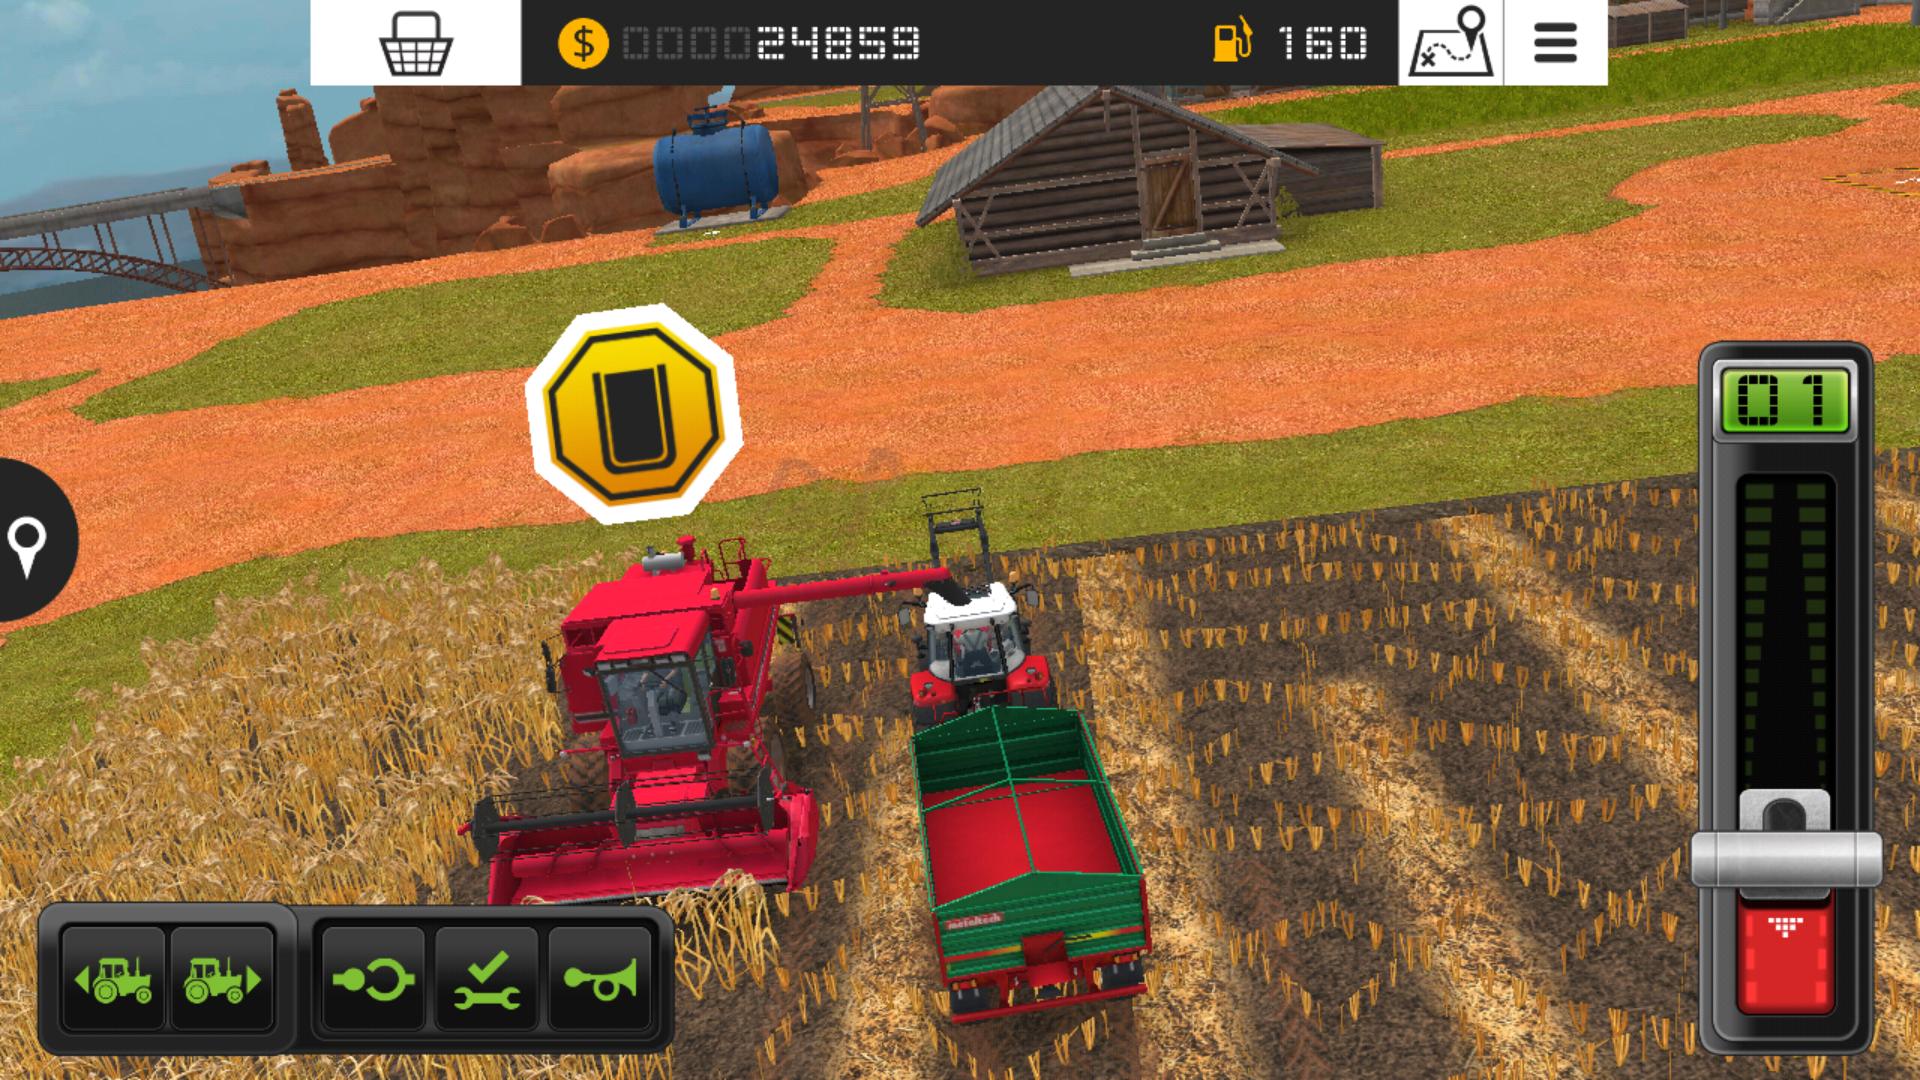 Скачать мод до farming simulator 2018 бесплатно